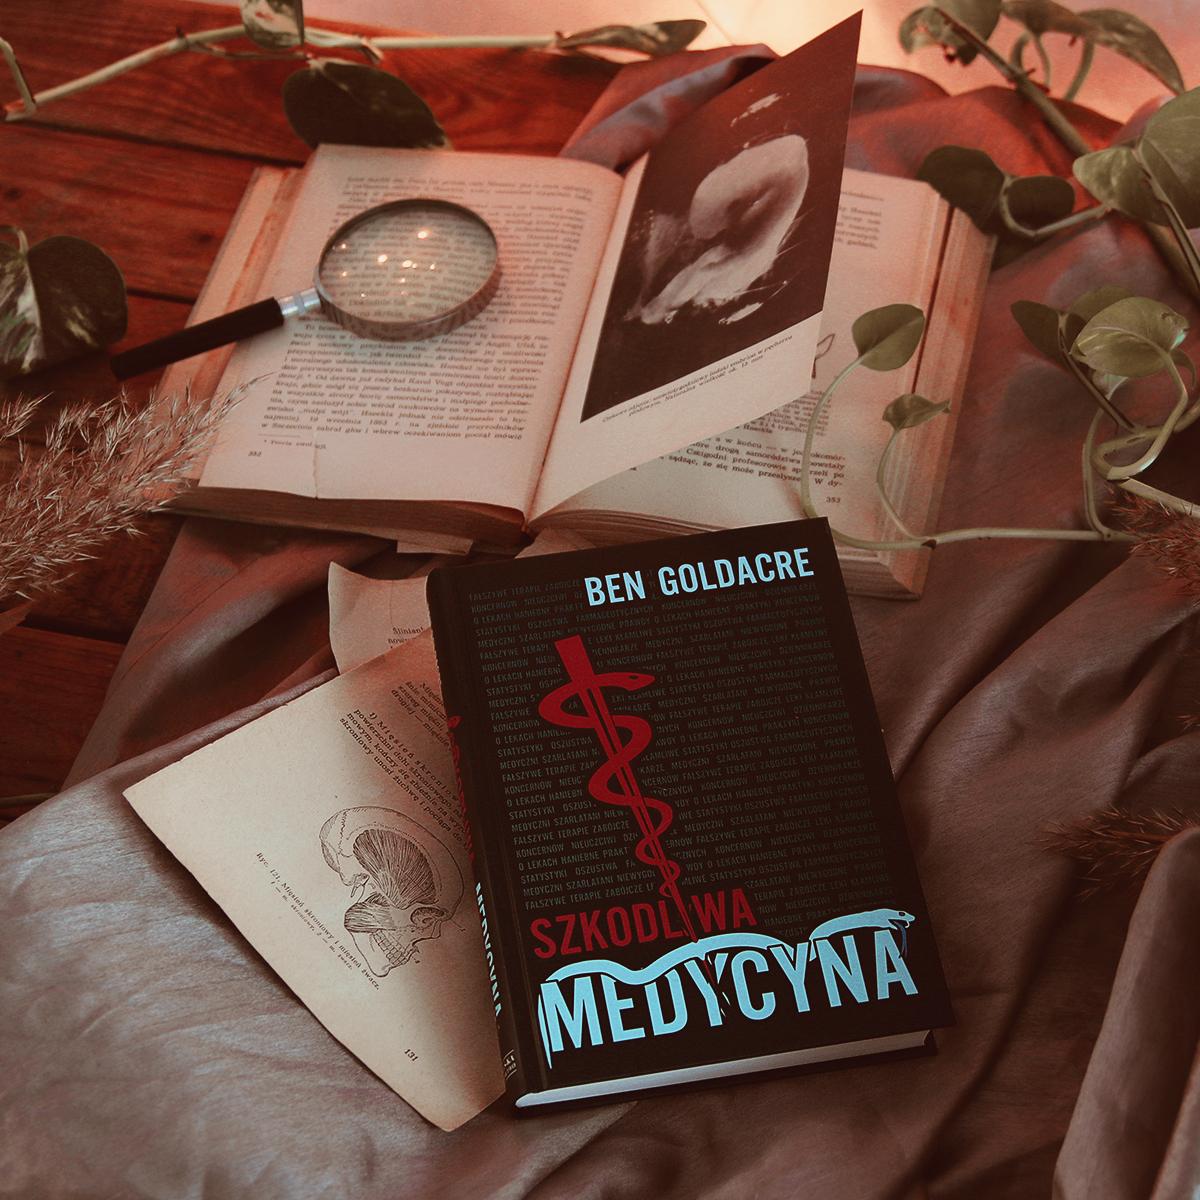 #151 Szkodliwa medycyna - Ben Goldacre